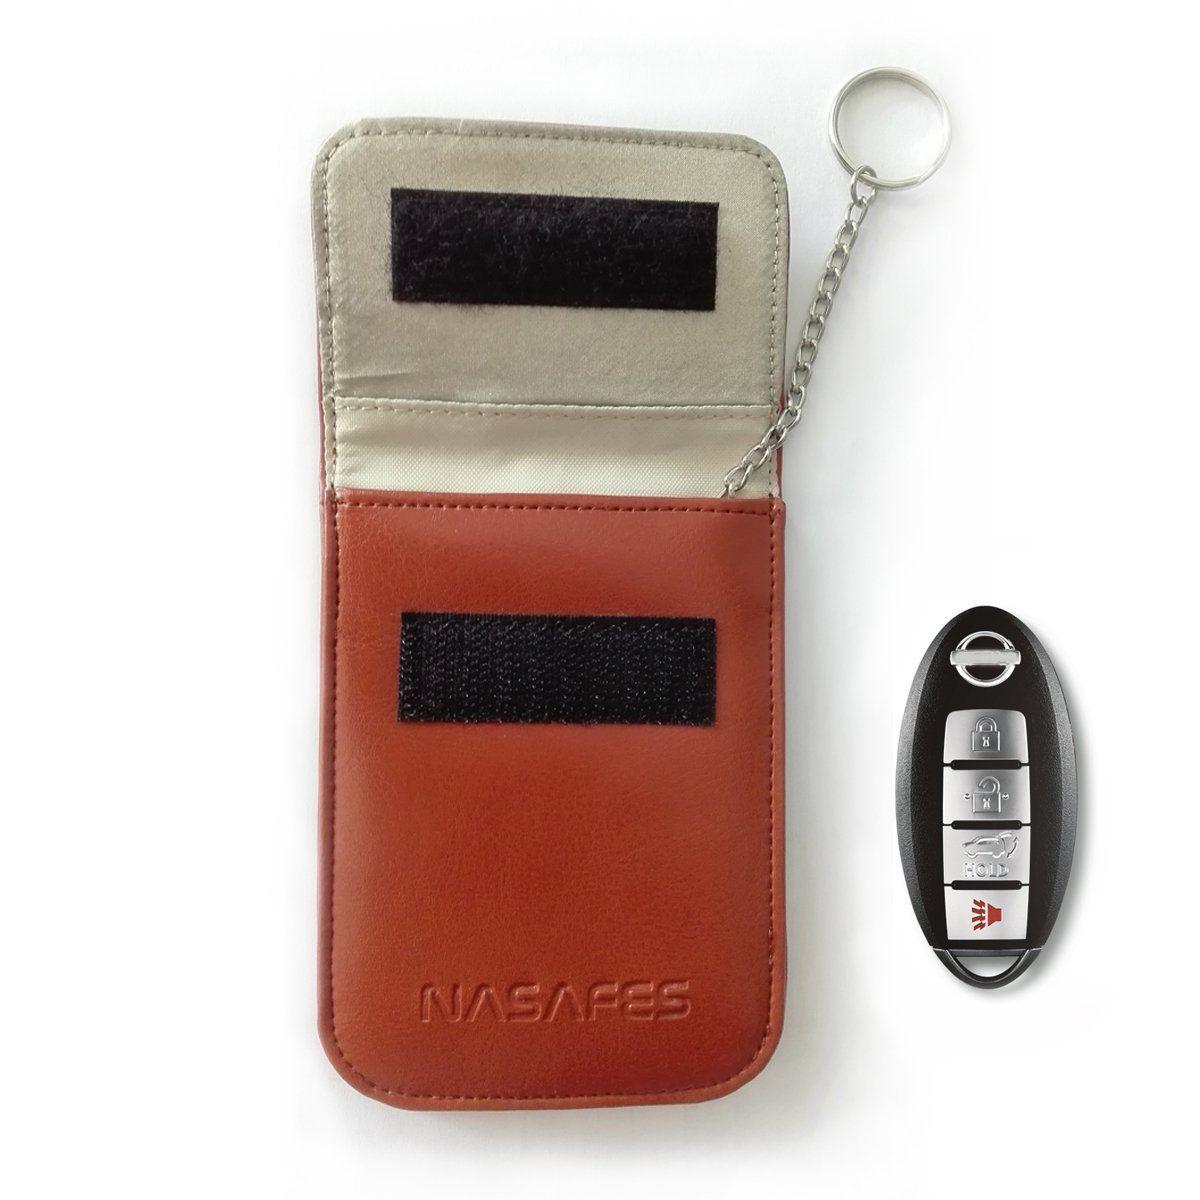 key fob holder \u2013 rfid signal blocking bag \u2013 protect against signal